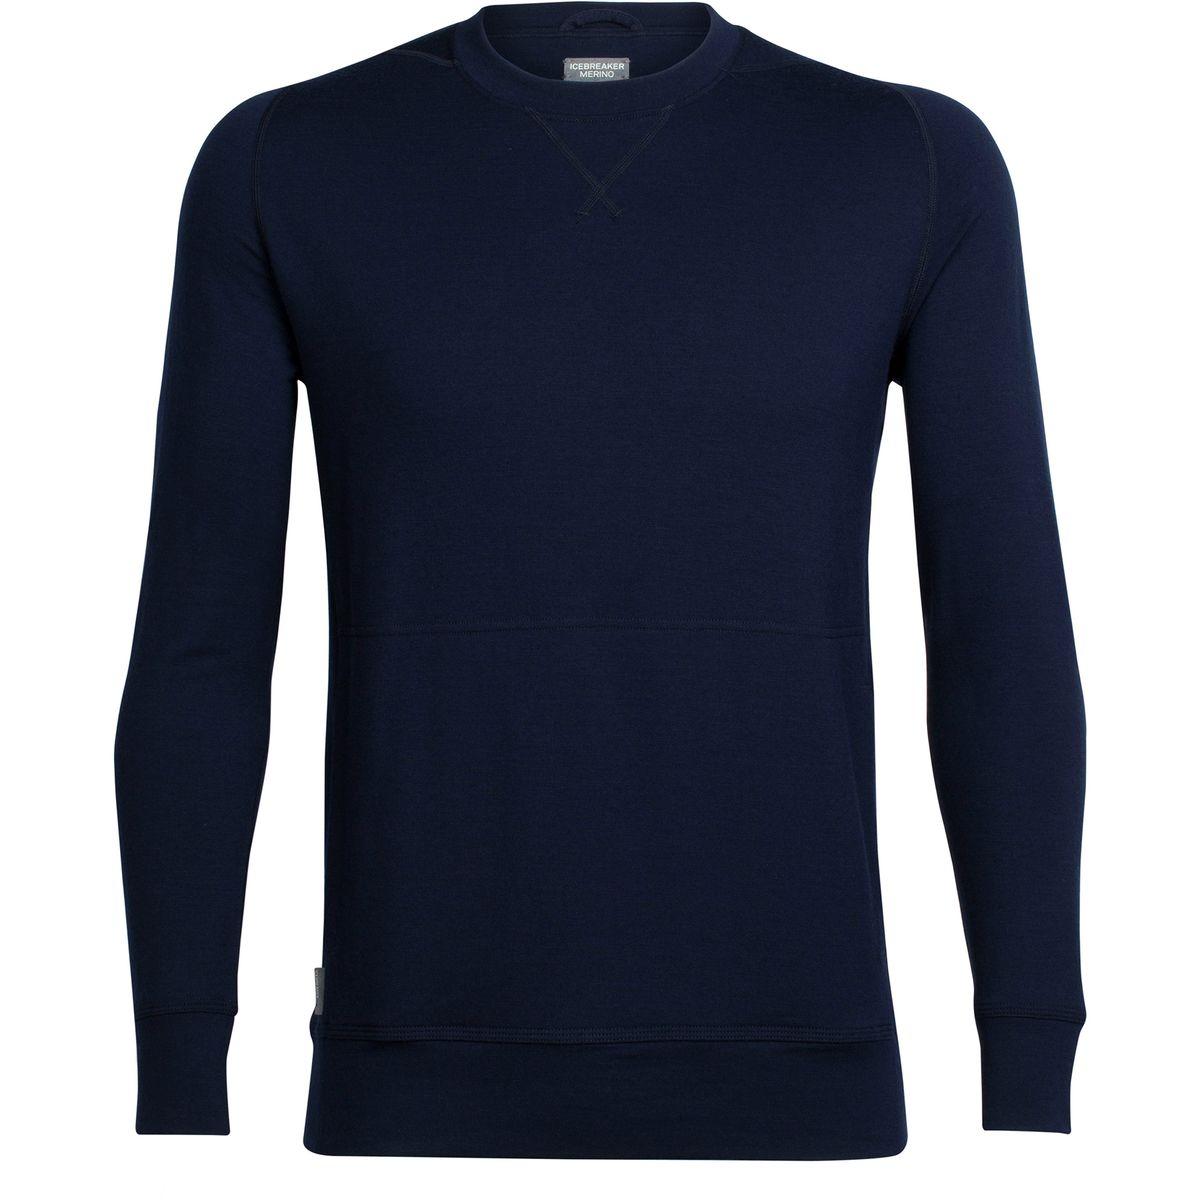 Icebreaker Shifter Long-Sleeve Crew Sweater - Men